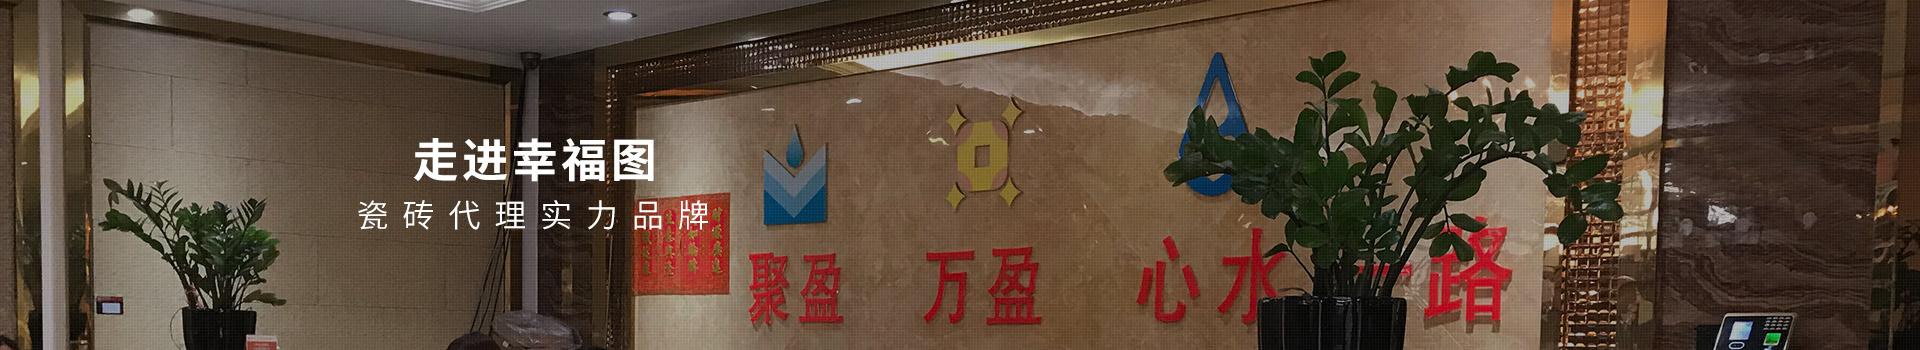 幸福图-瓷砖代理实力品牌